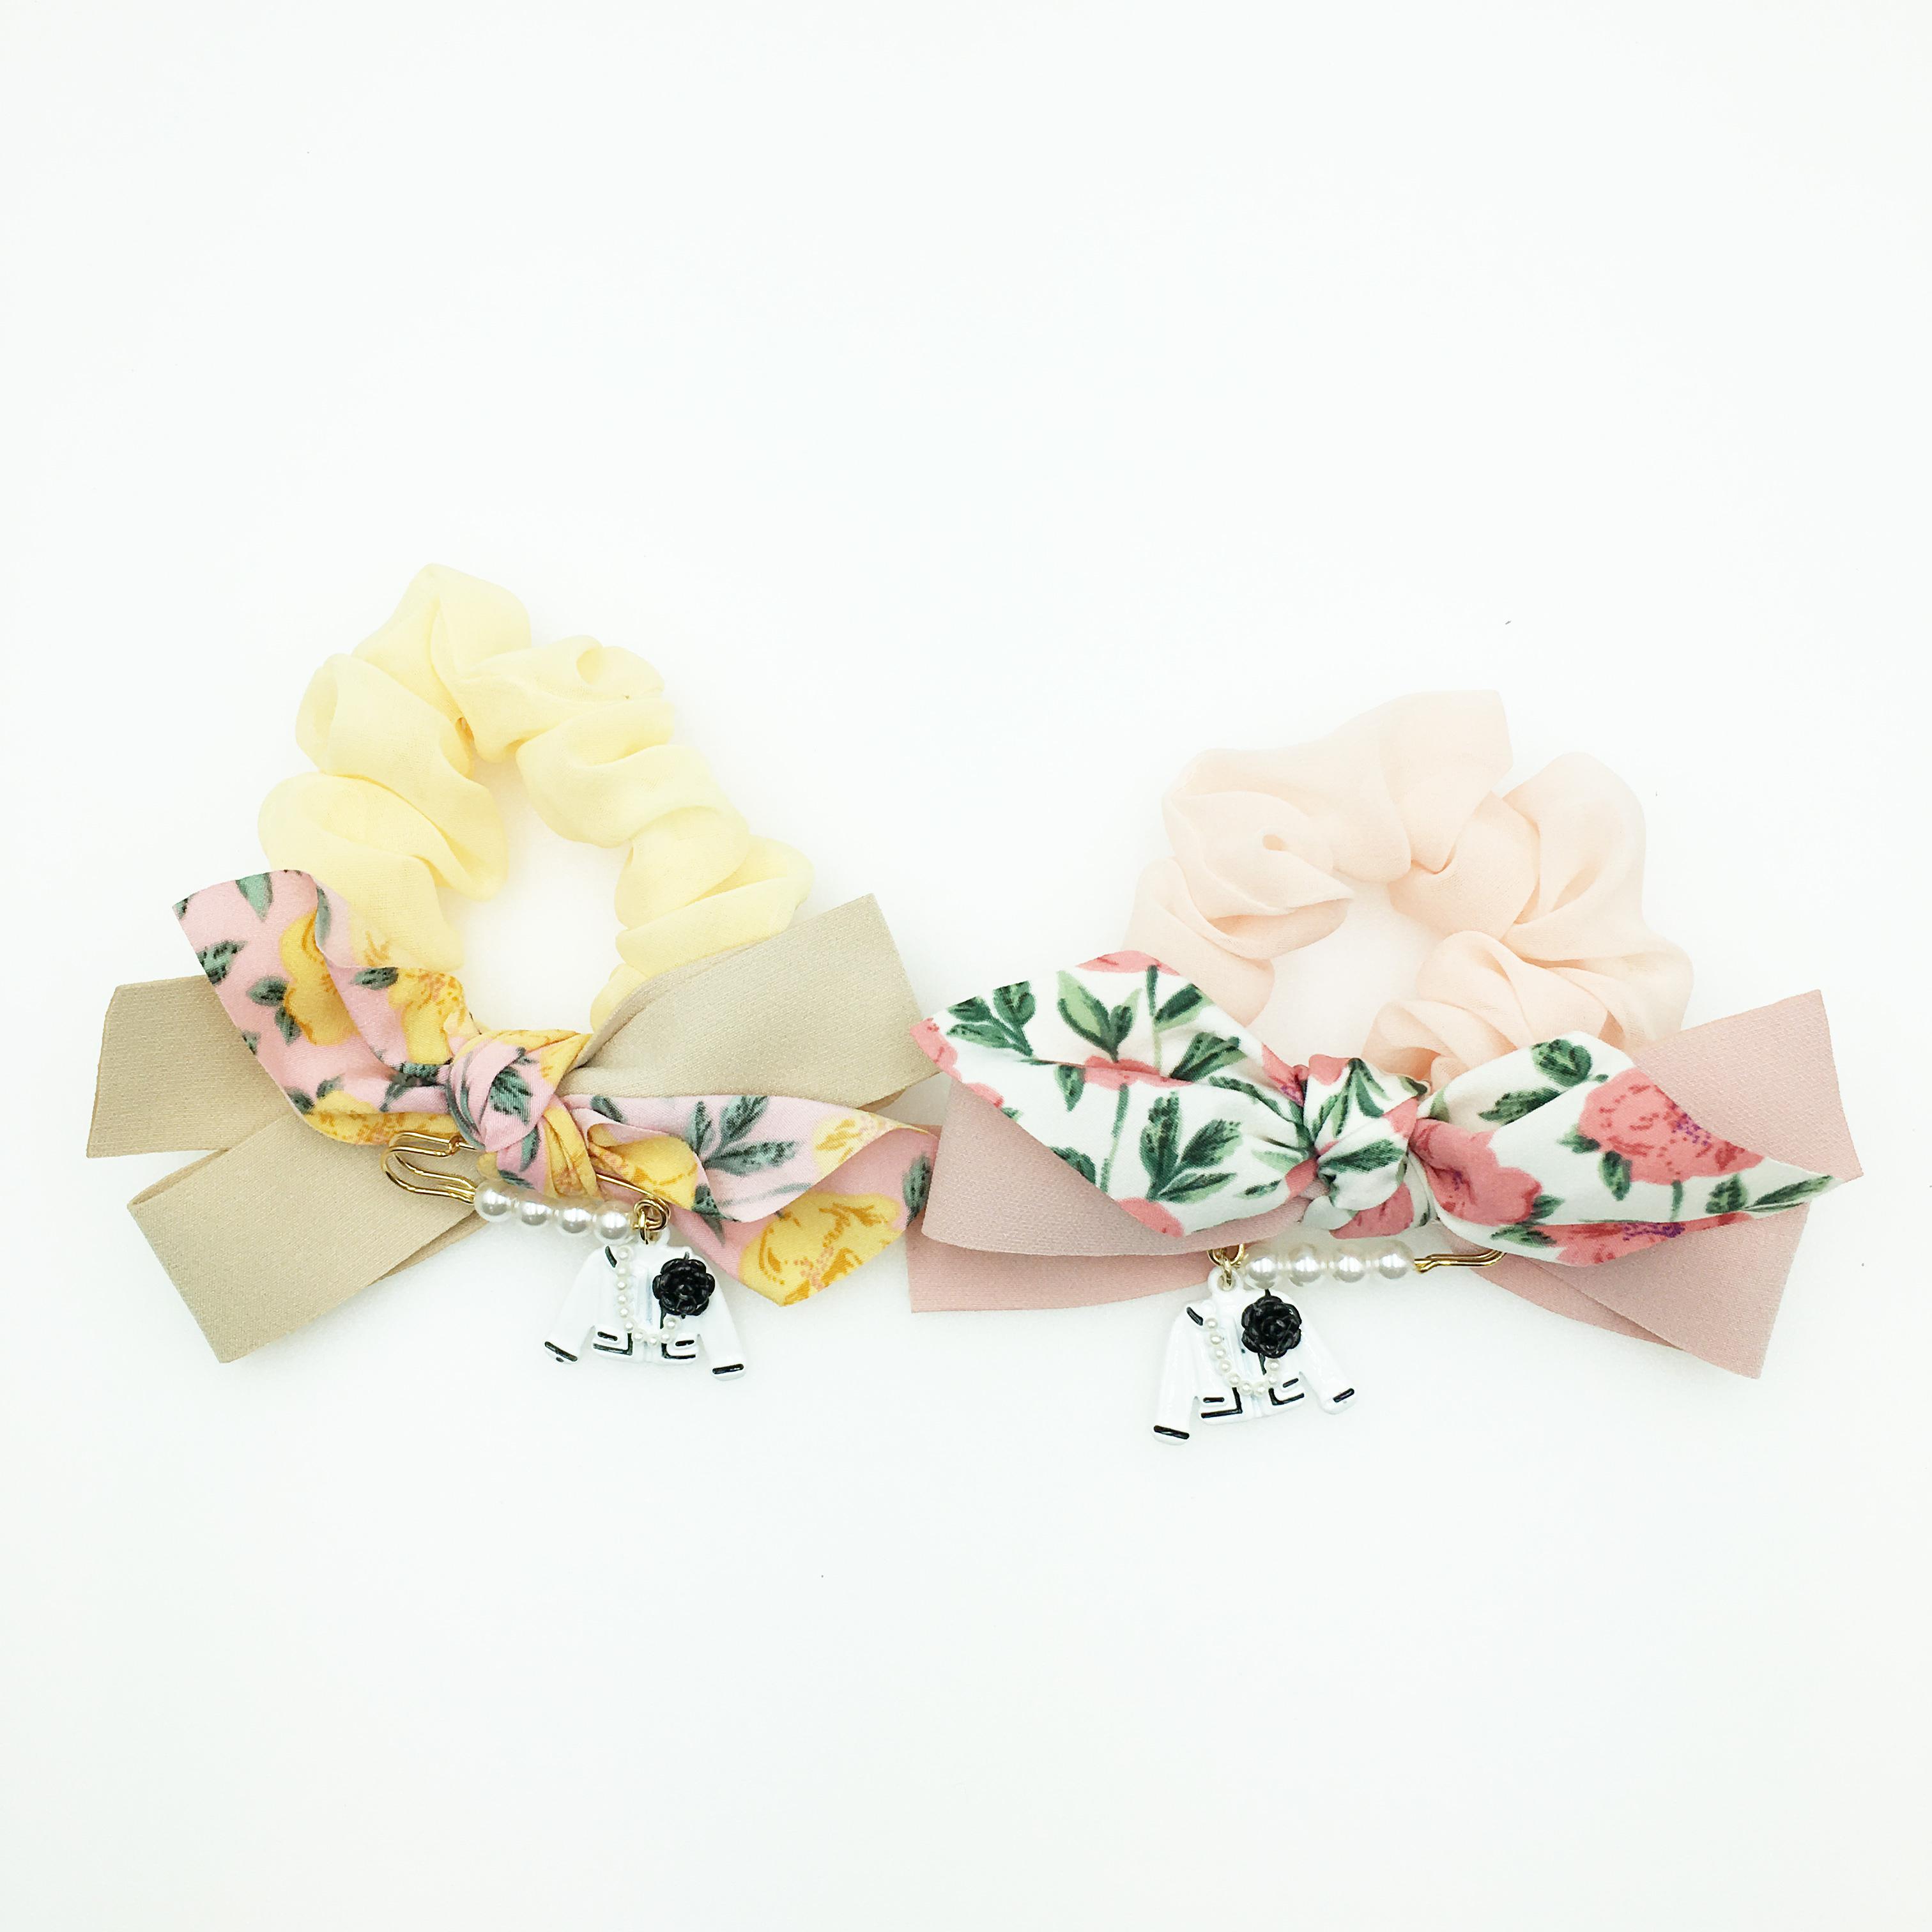 韓國 小香風 山茶花外套 珍珠 迴紋針 花 蝴蝶結 透紗 2色 髮圈 大腸圈